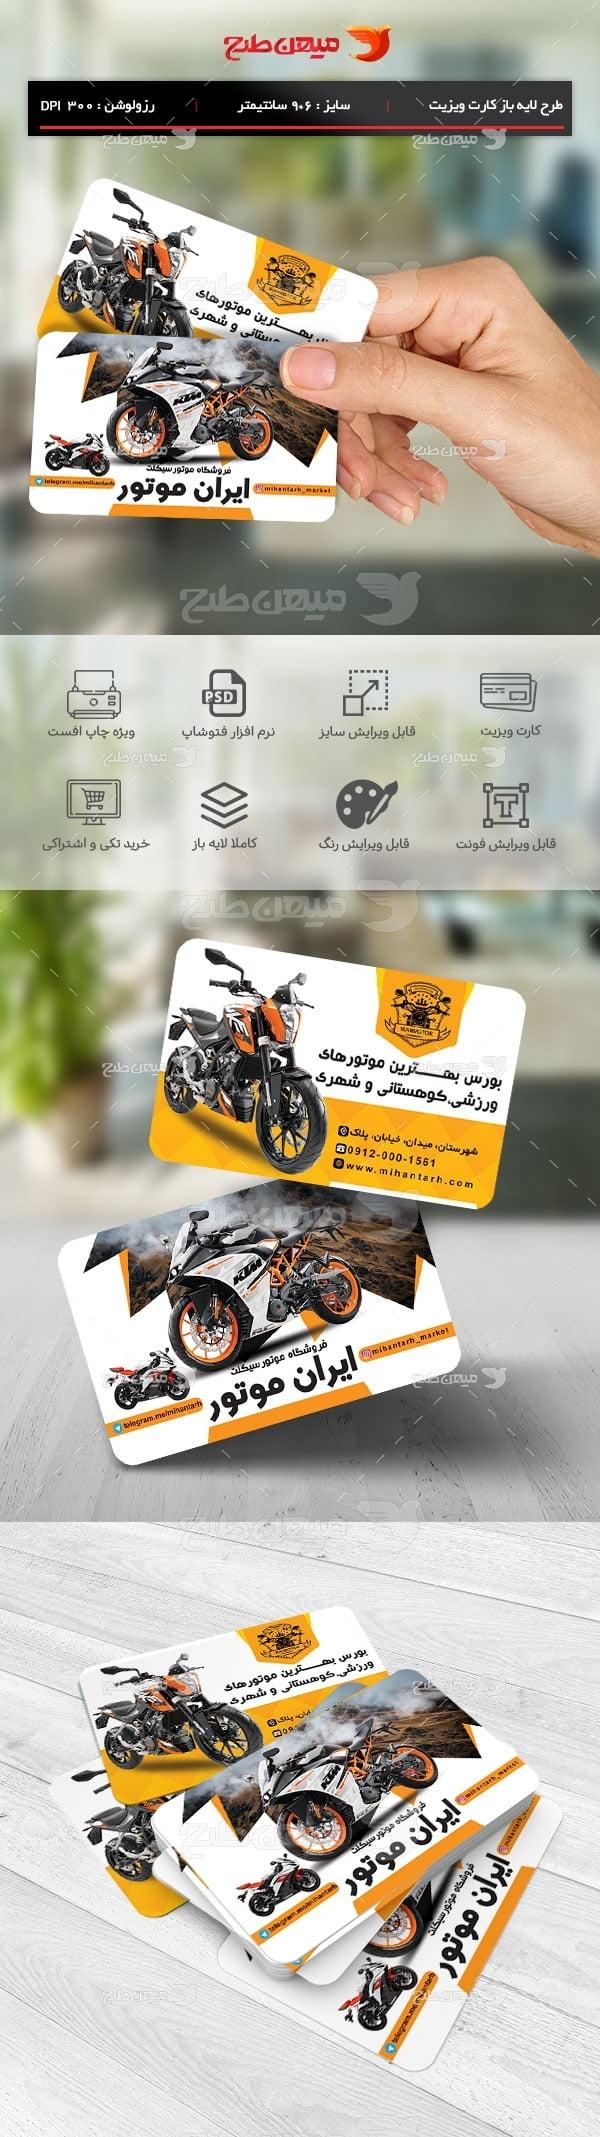 طرح لایه باز کارت ویزیت فروشگاه موتورسیکلت